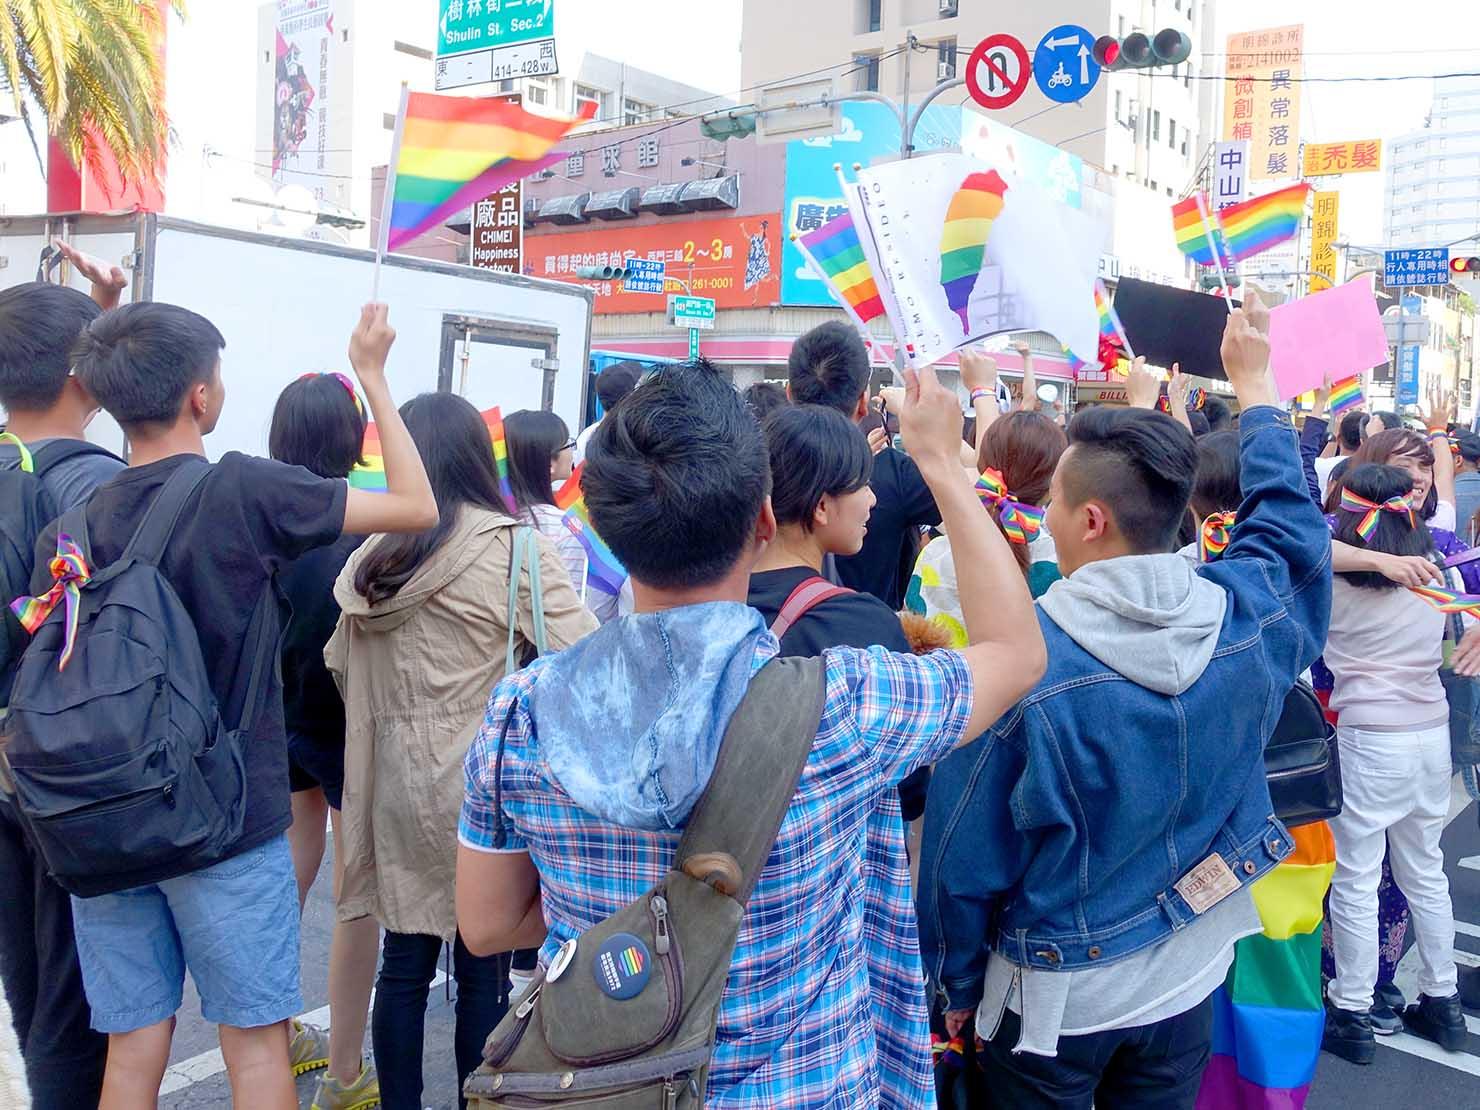 2018年台湾最初のLGBTプライド「台南彩虹遊行(台南レインボーパレード)」でレインボーフラッグを振る参加者たち